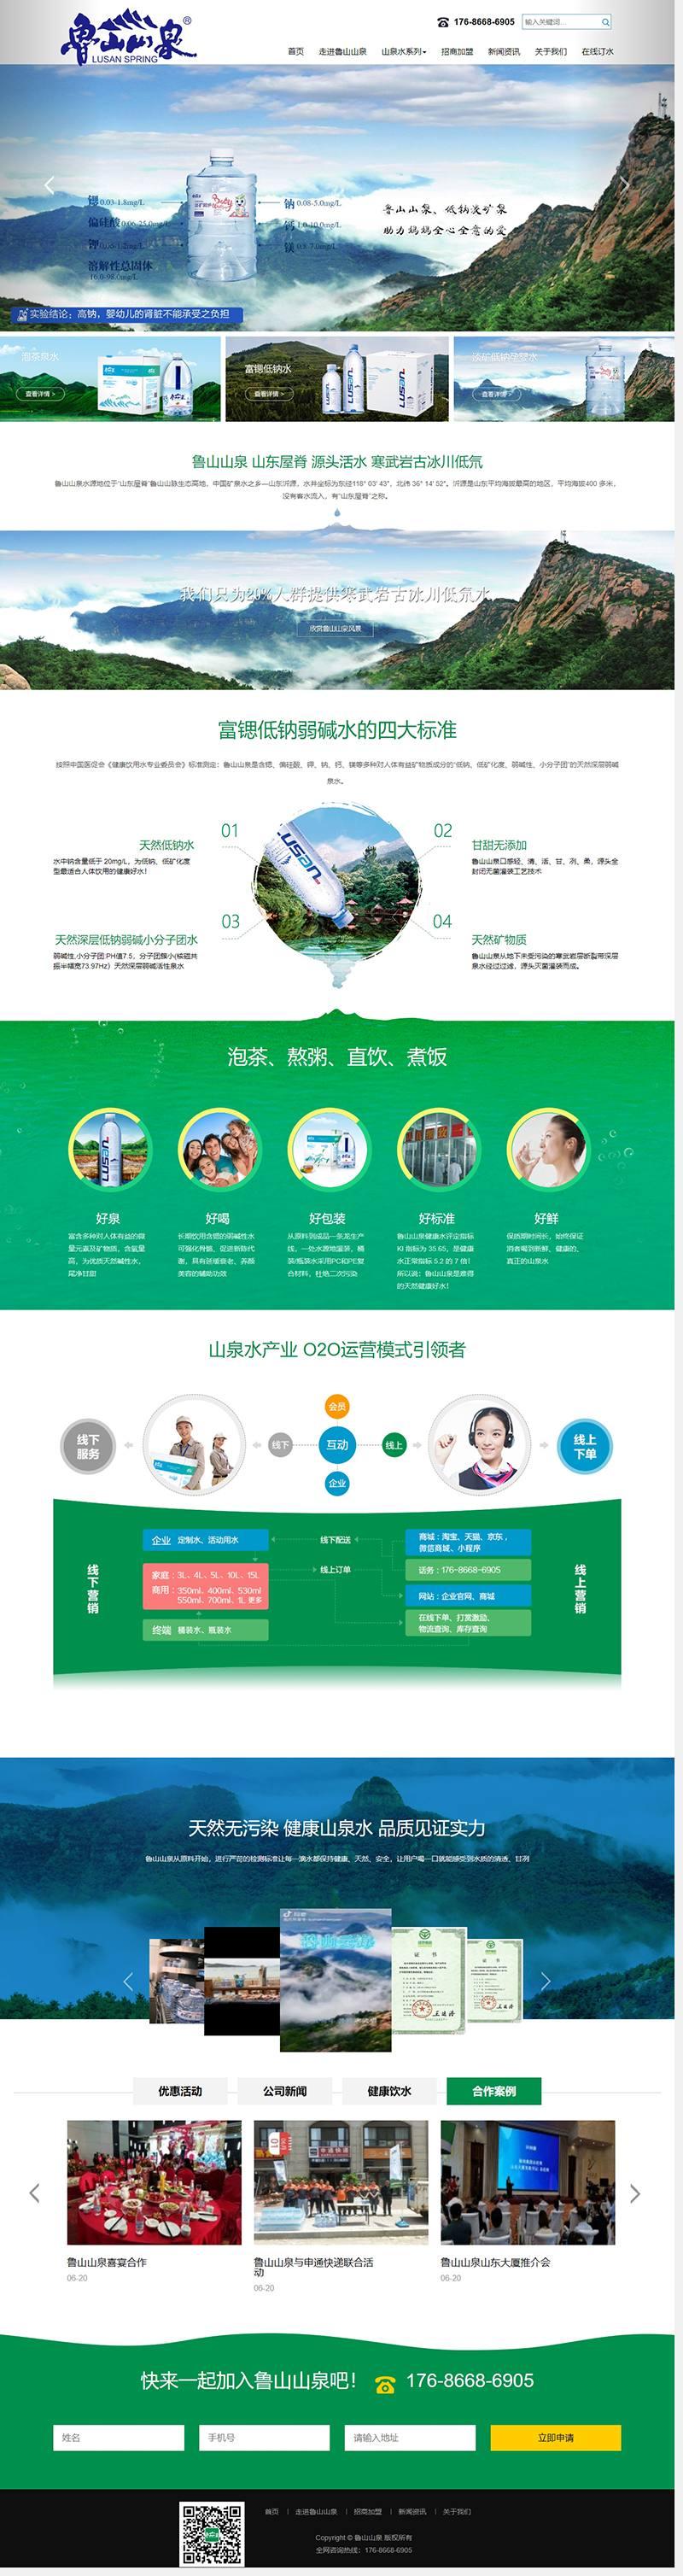 鲁山山泉,济南网站建设